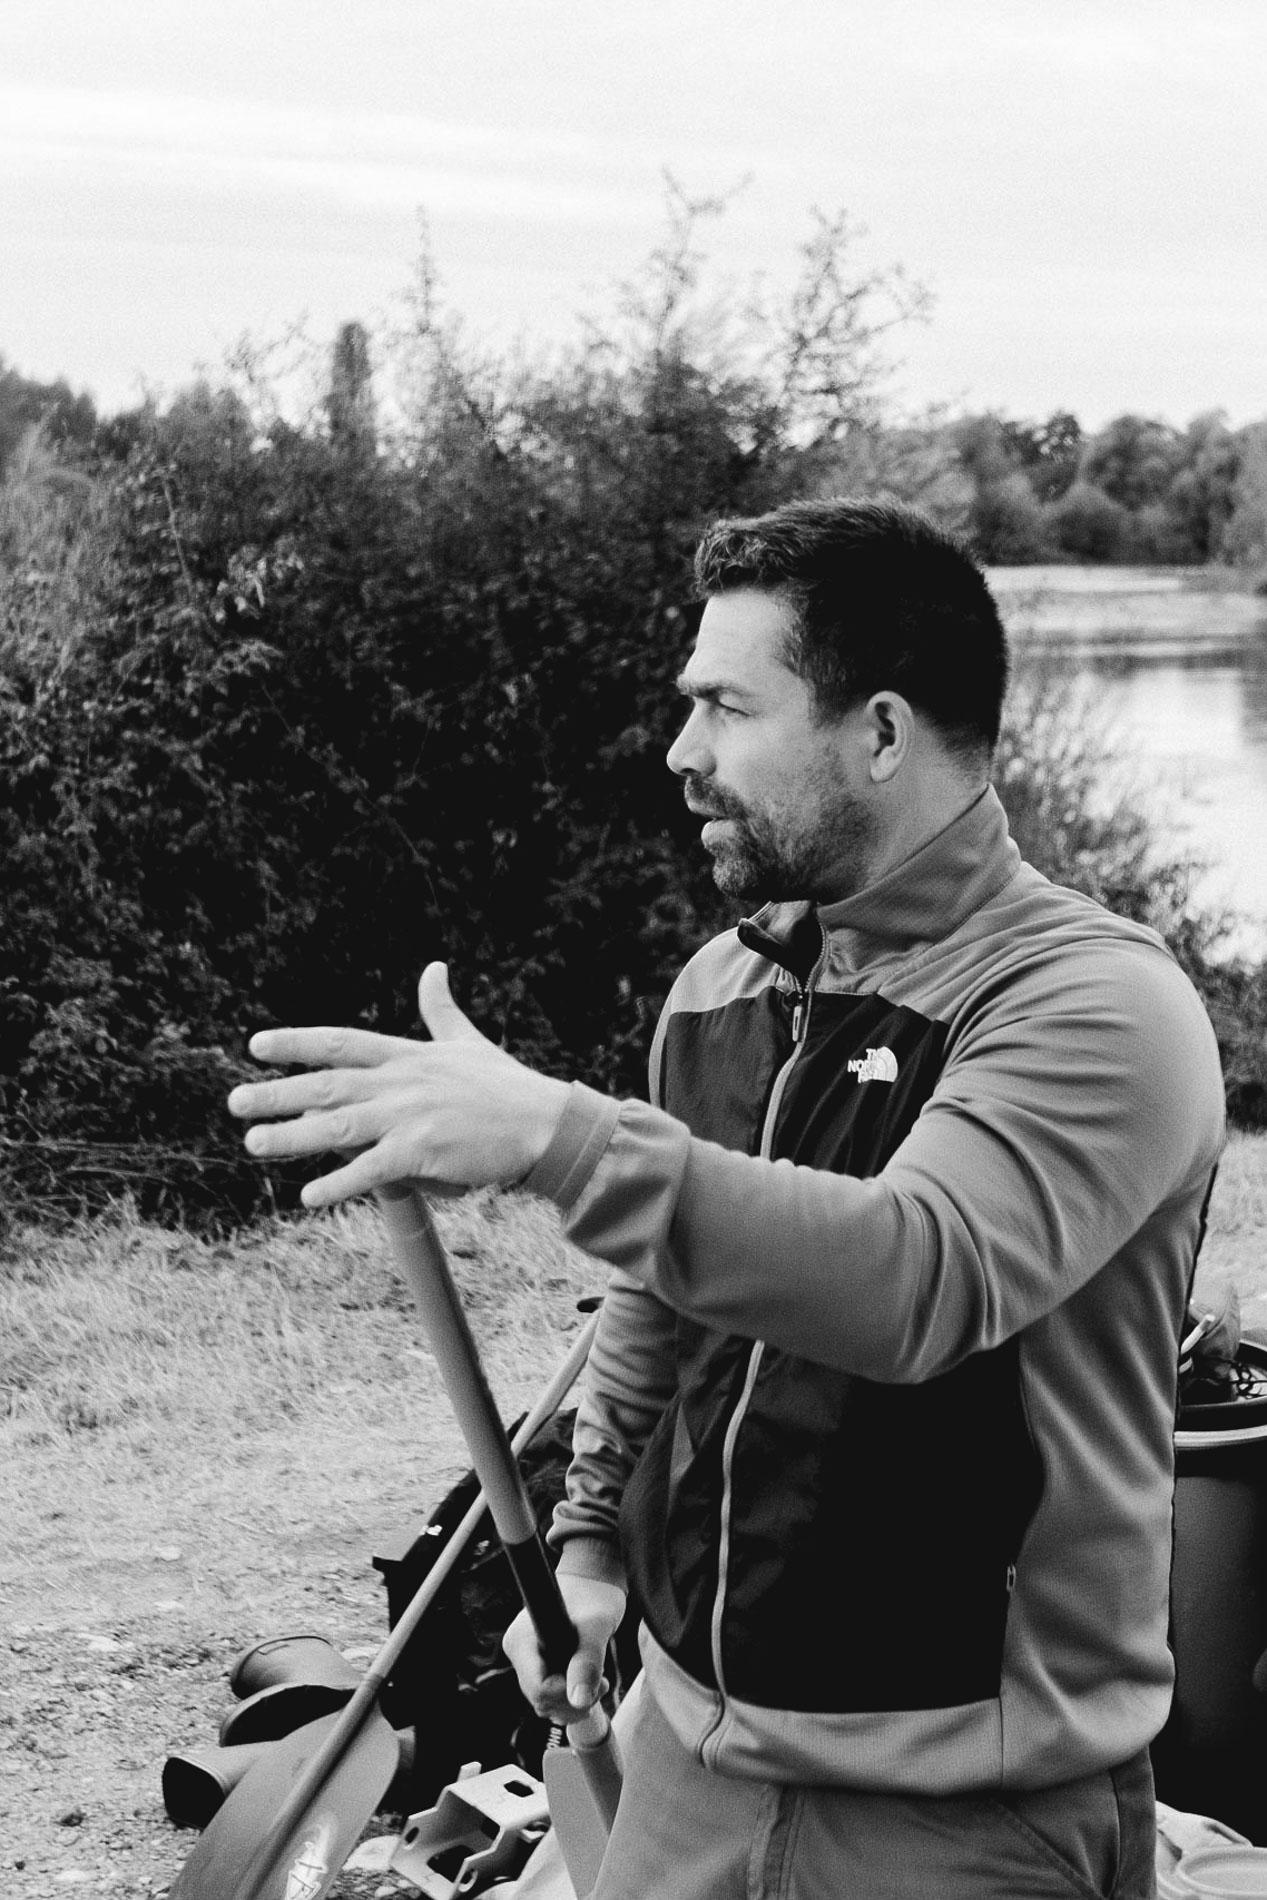 Savoir faire, la passion du canoë et du plein air - Nous enseignons la pratique du canoë et la culture du plein air sur notre camp de base à 30 minutes d'Orléans. Plan d'eau de 70 hectares en plein coeur de la forêt, l'étang de la Vallée à Combreux offre les meilleures conditions pour l'apprentissage, tant aux tout petits qui veulent découvrir qu'aux adultes chevronnés qui souhaitent partir pour des explorations de plusieurs jours sur la Loire. Nous partageons notre passion pour vous aider à passer plus de temps dehors et vivre des moments inoubliables en plein nature.